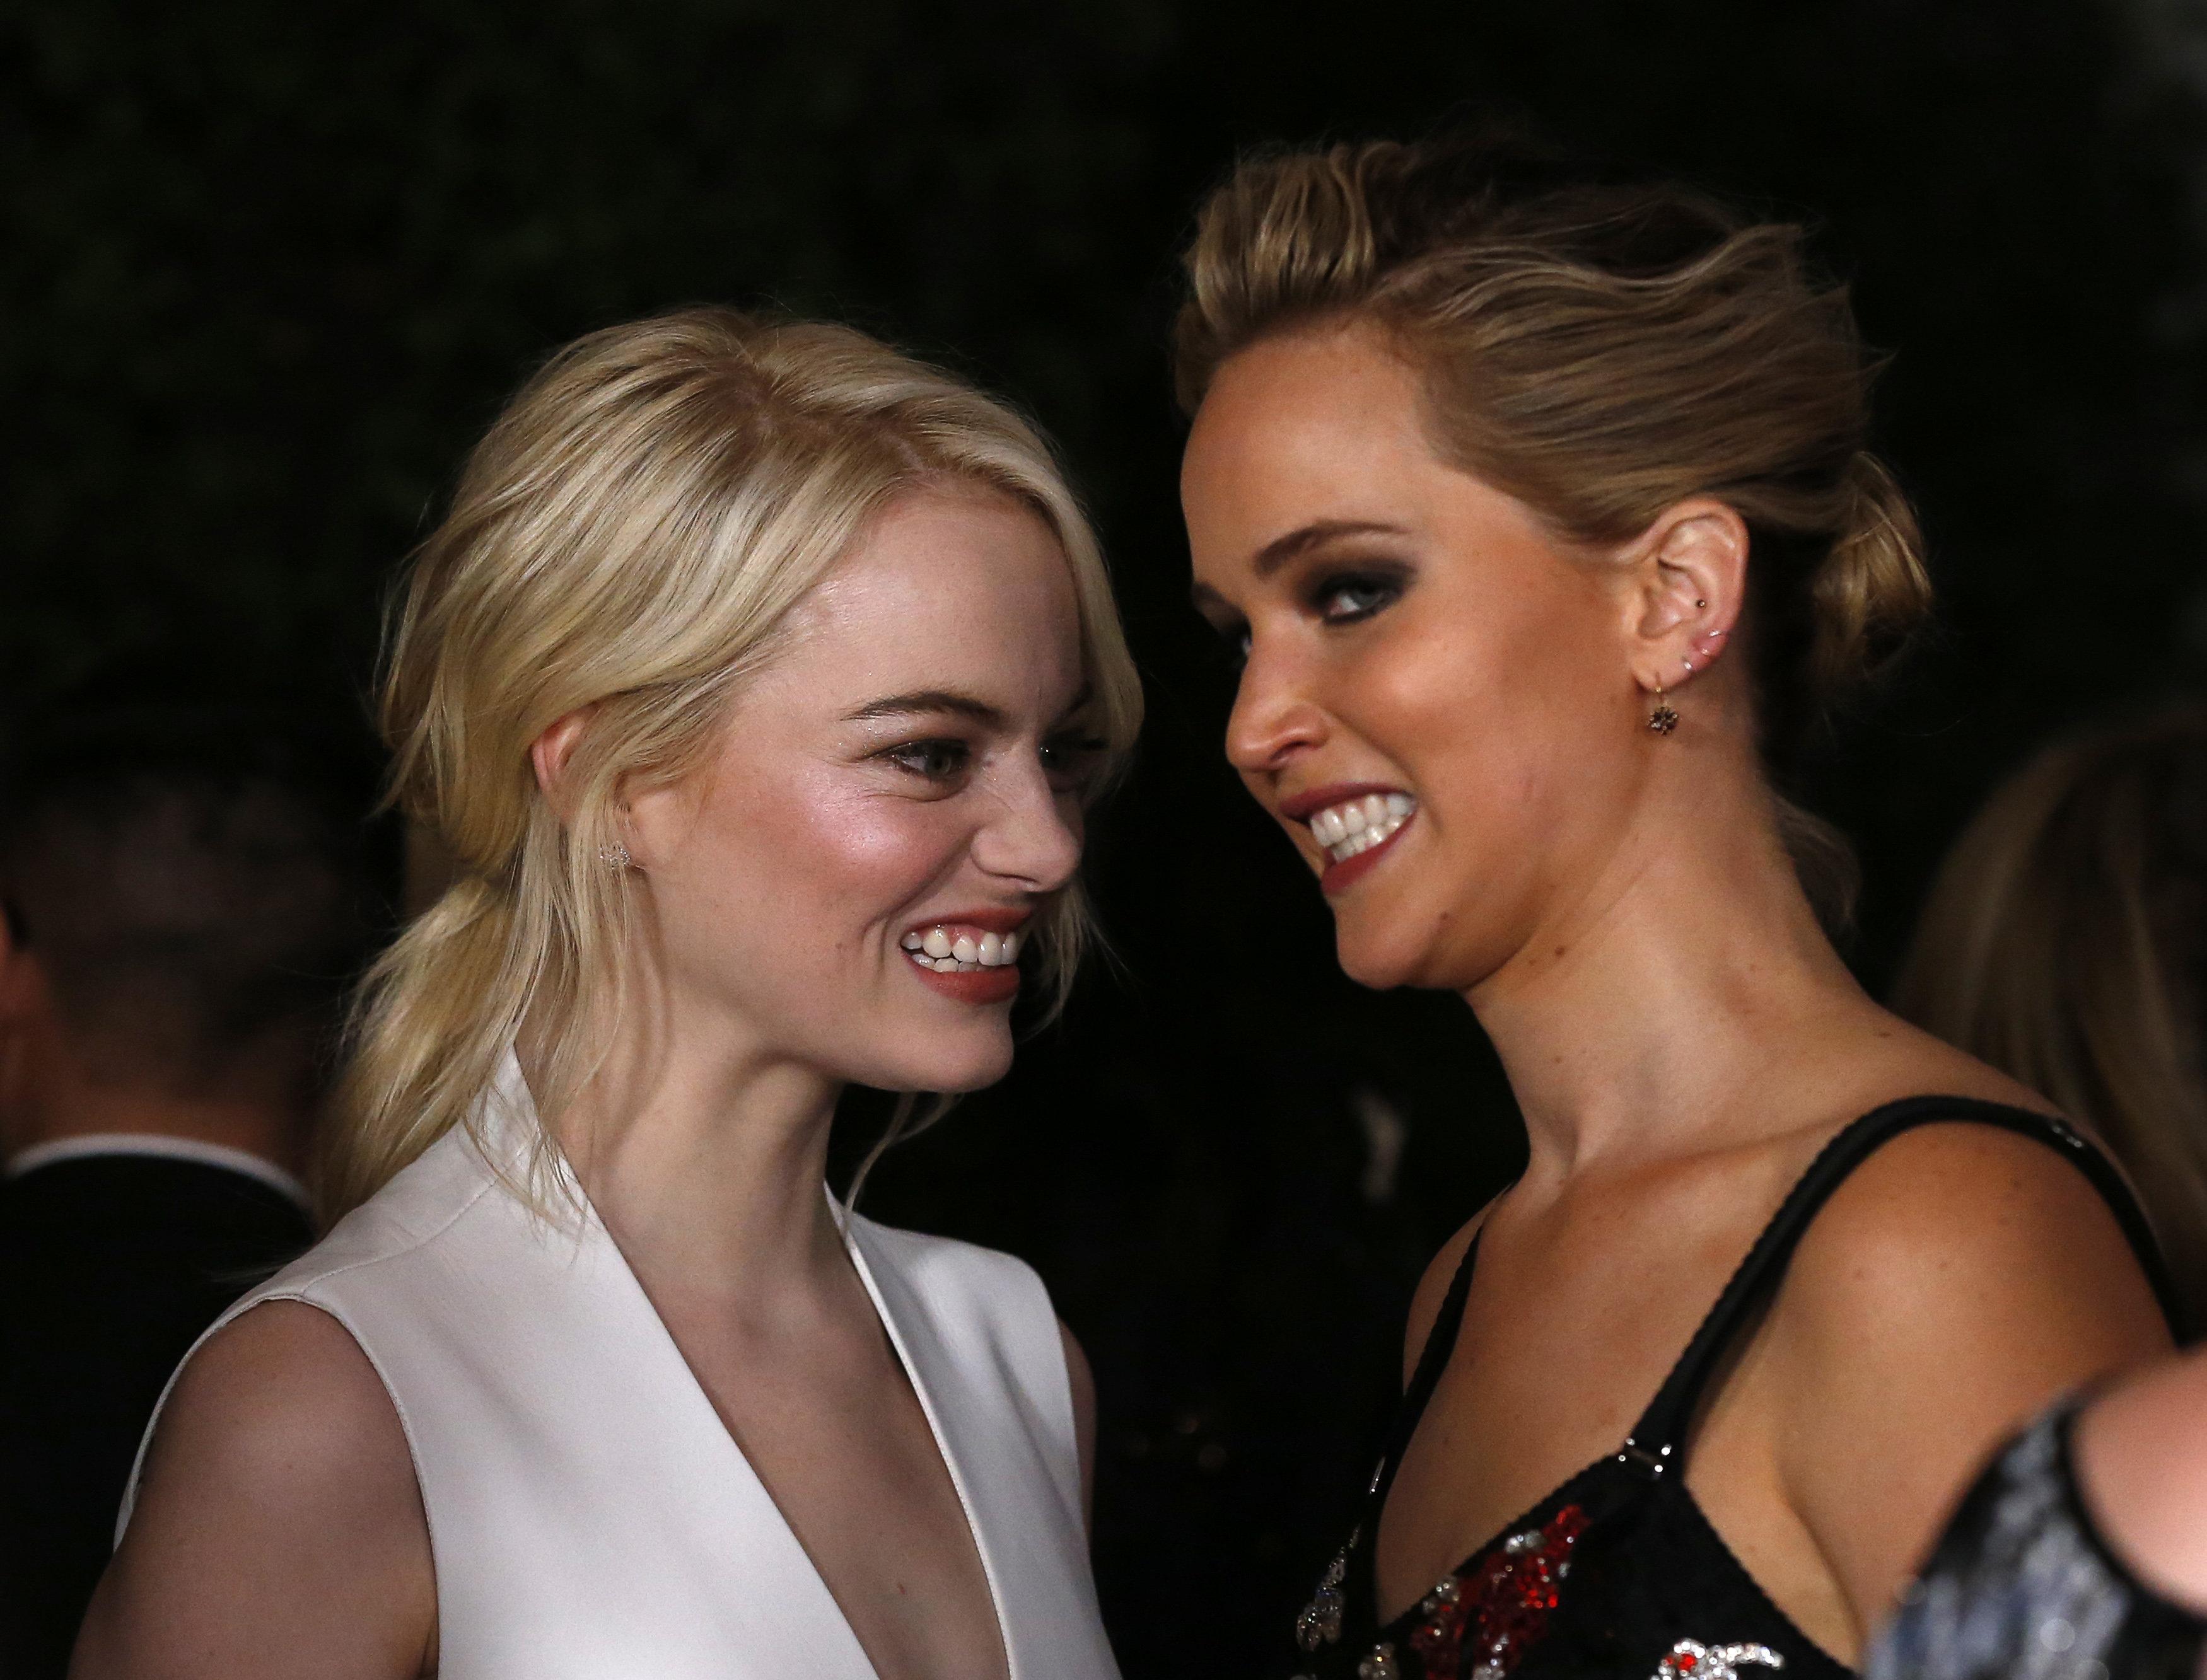 Η Έμμα Στόουν φωτογραφίζεται για την Elle και δίνει συνέντευξη στην κολλητή της, Τζένιφερ